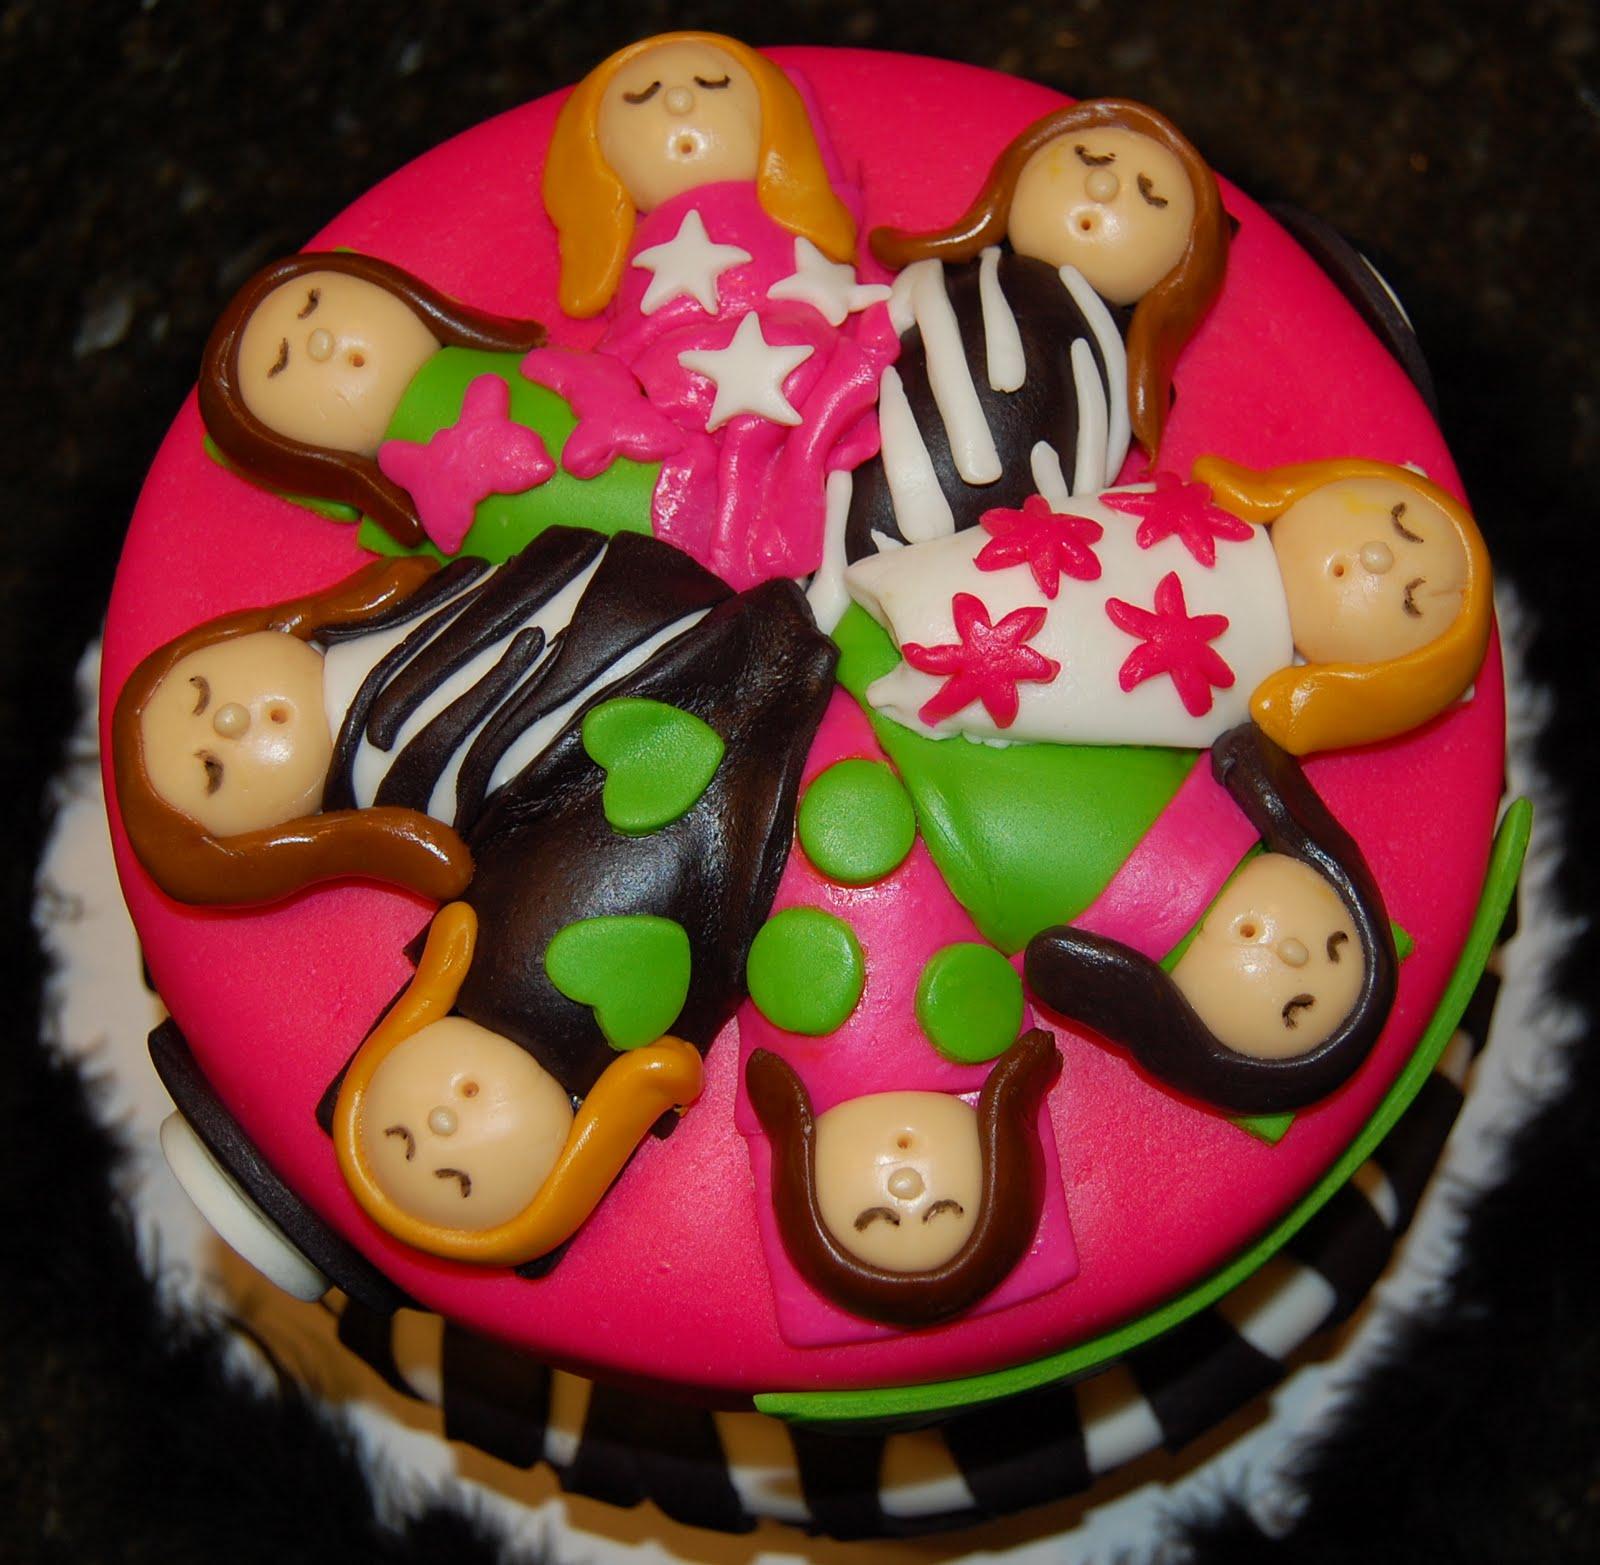 MKHKKH: Wild Slumber Party Cake